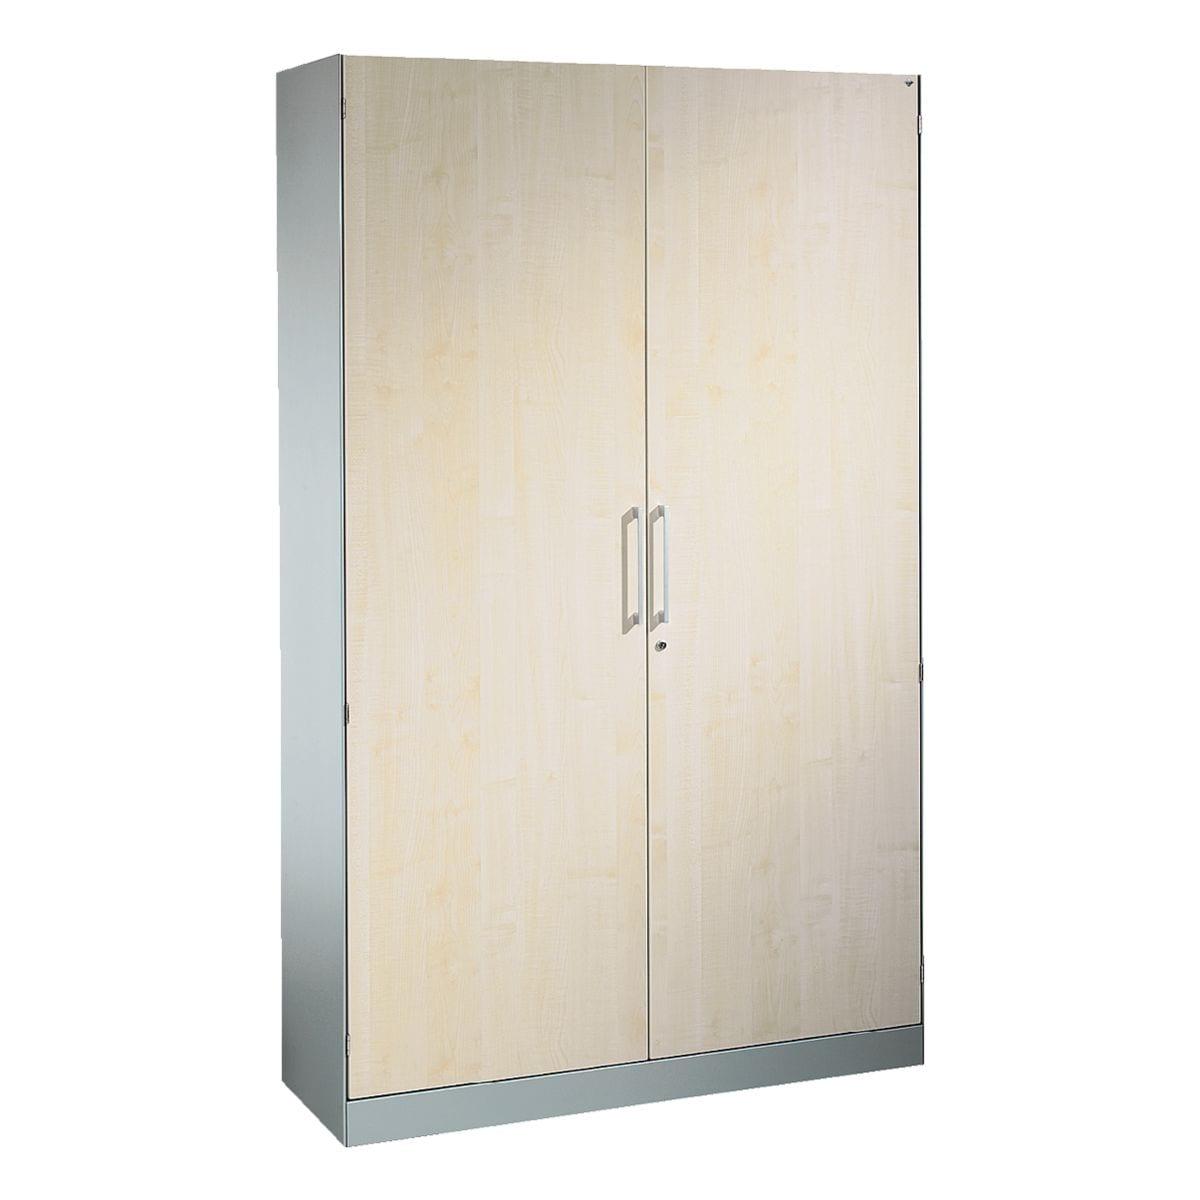 cp stahlschrank asisto 100 x 198 cm fl gelt r bei otto office g nstig kaufen. Black Bedroom Furniture Sets. Home Design Ideas